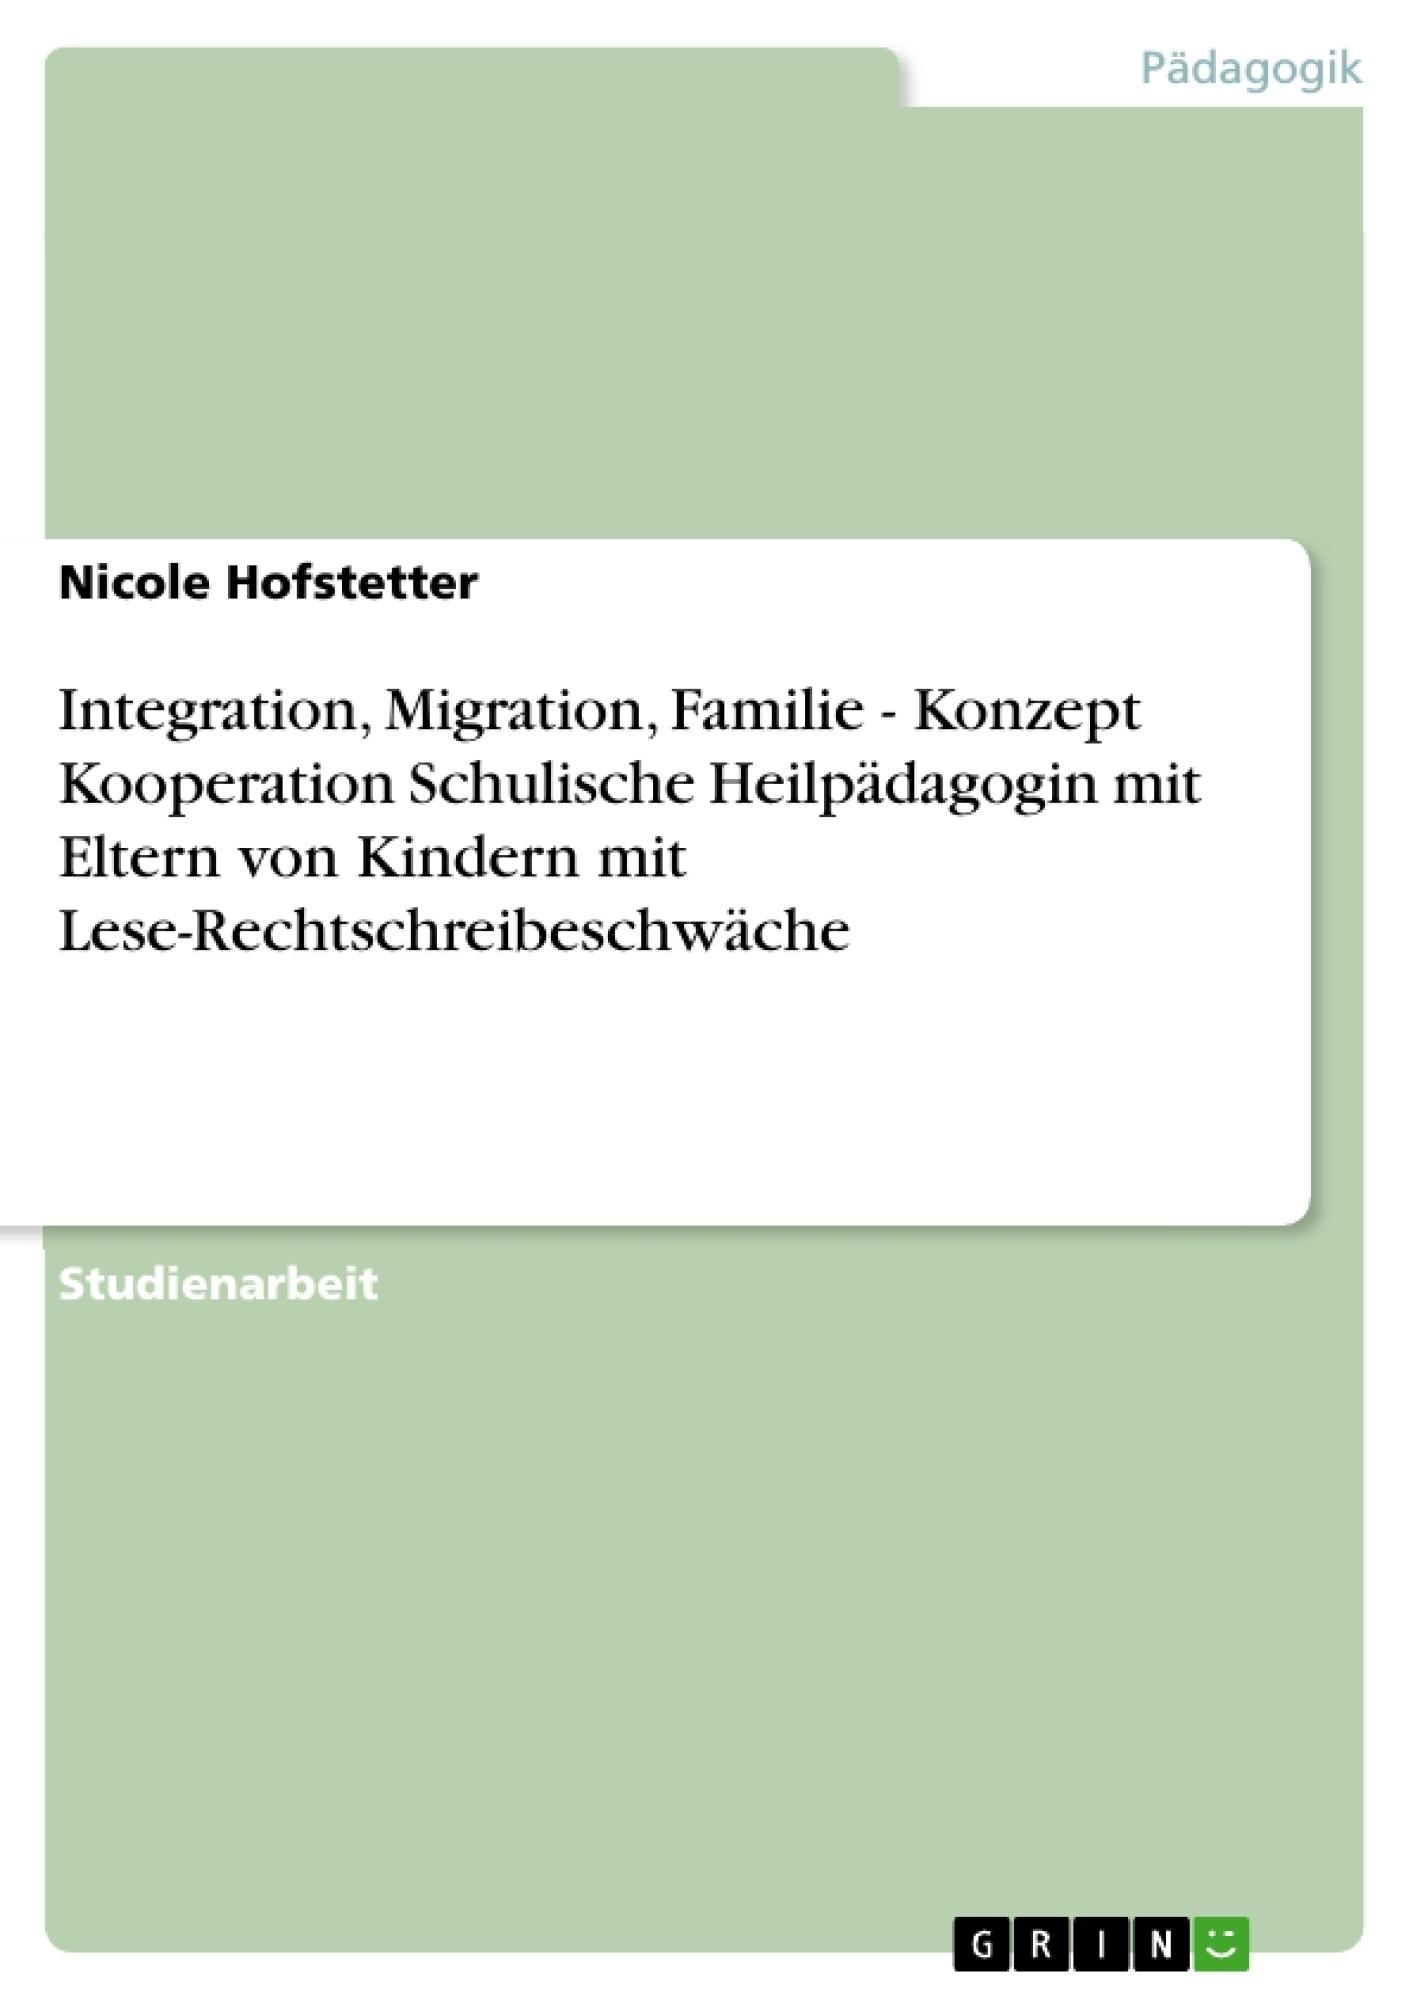 Titel: Integration, Migration, Familie - Konzept Kooperation Schulische Heilpädagogin mit Eltern von Kindern mit Lese-Rechtschreibeschwäche